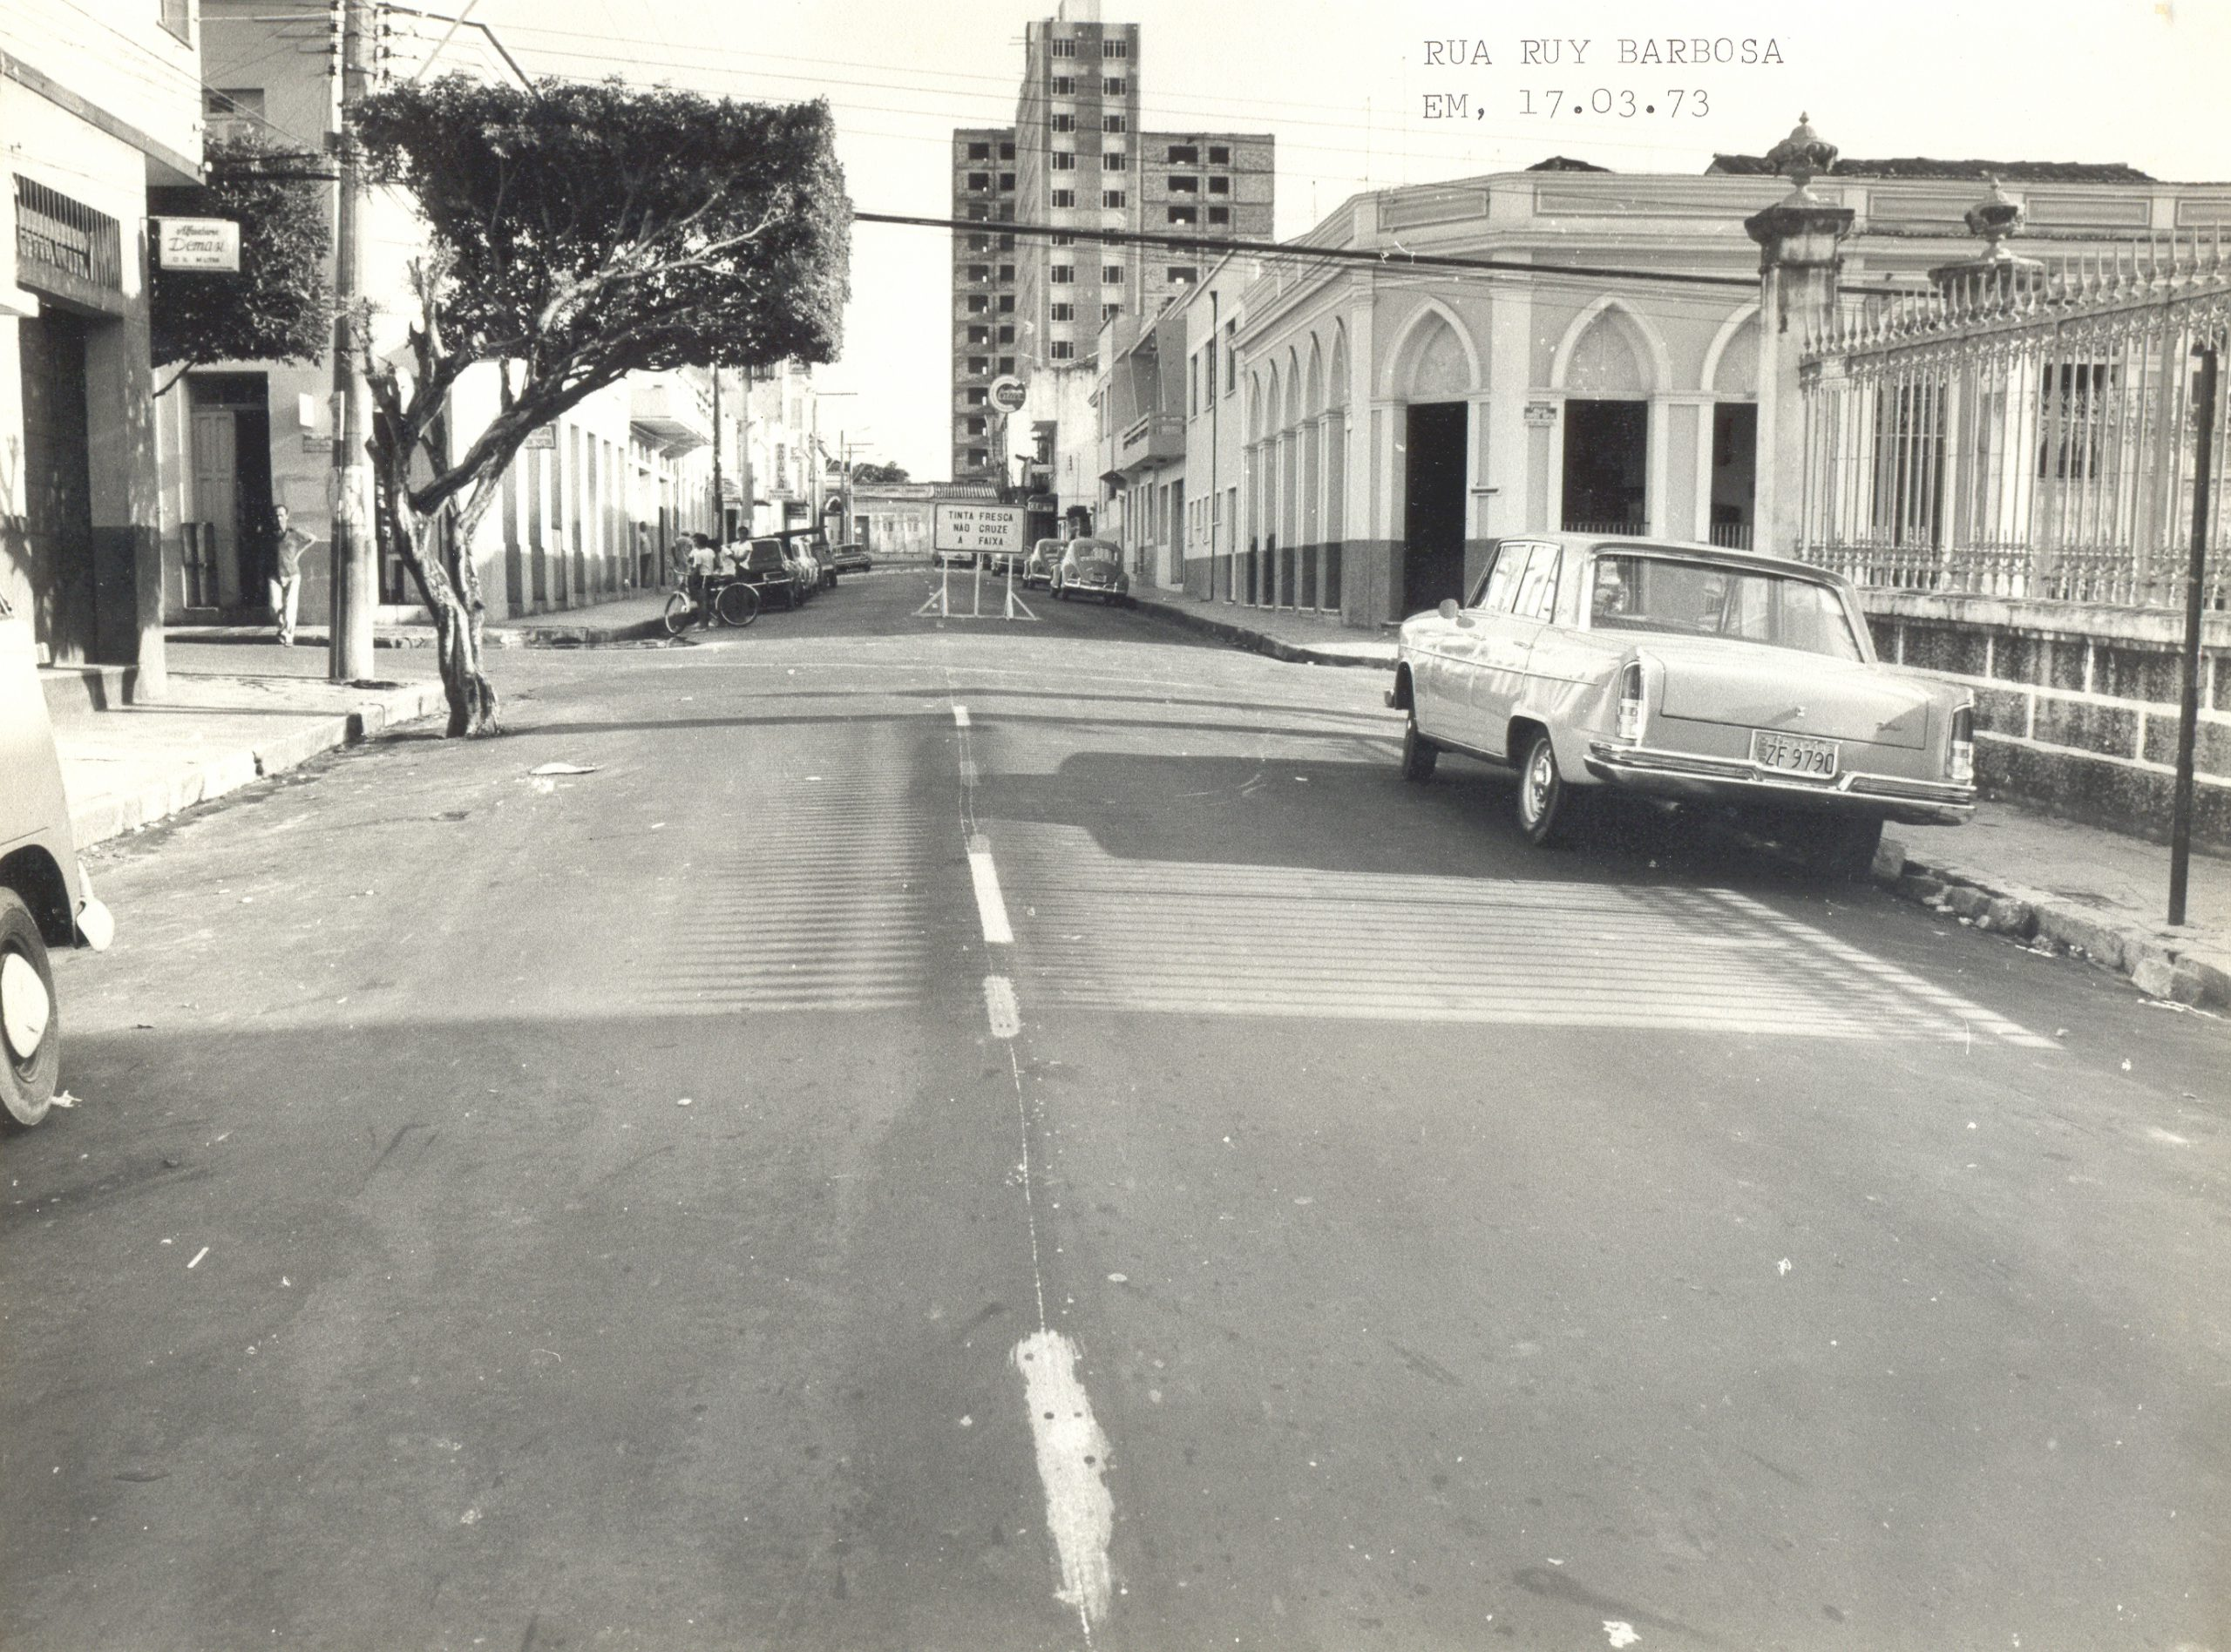 Trecho da Rua Ruy Barbosa - Instituto Durango Duarte